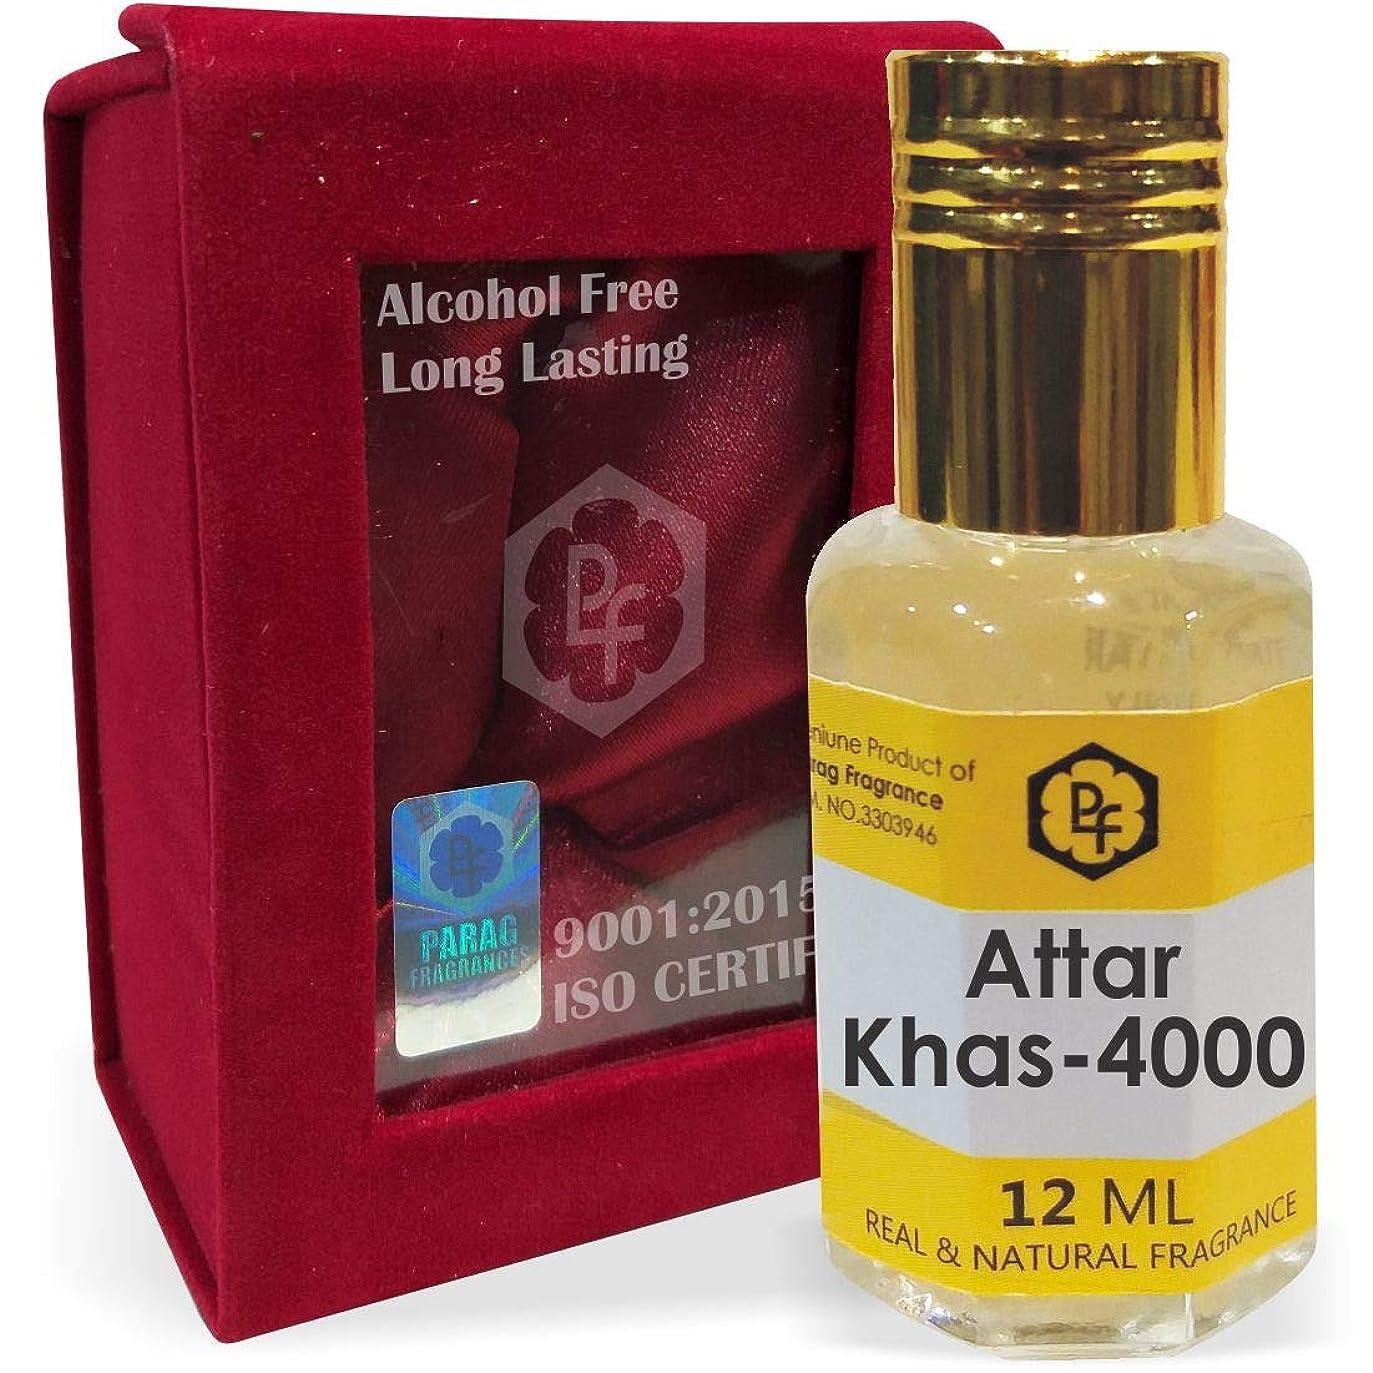 免疫ベアリングサークル計り知れないParagフレグランスKHAS-4000 12ミリリットルのアター/手作りベルベットボックス香油/(インドの伝統的なBhapka処理方法により、インド製)フレグランスオイル|長続きアターITRA最高の品質